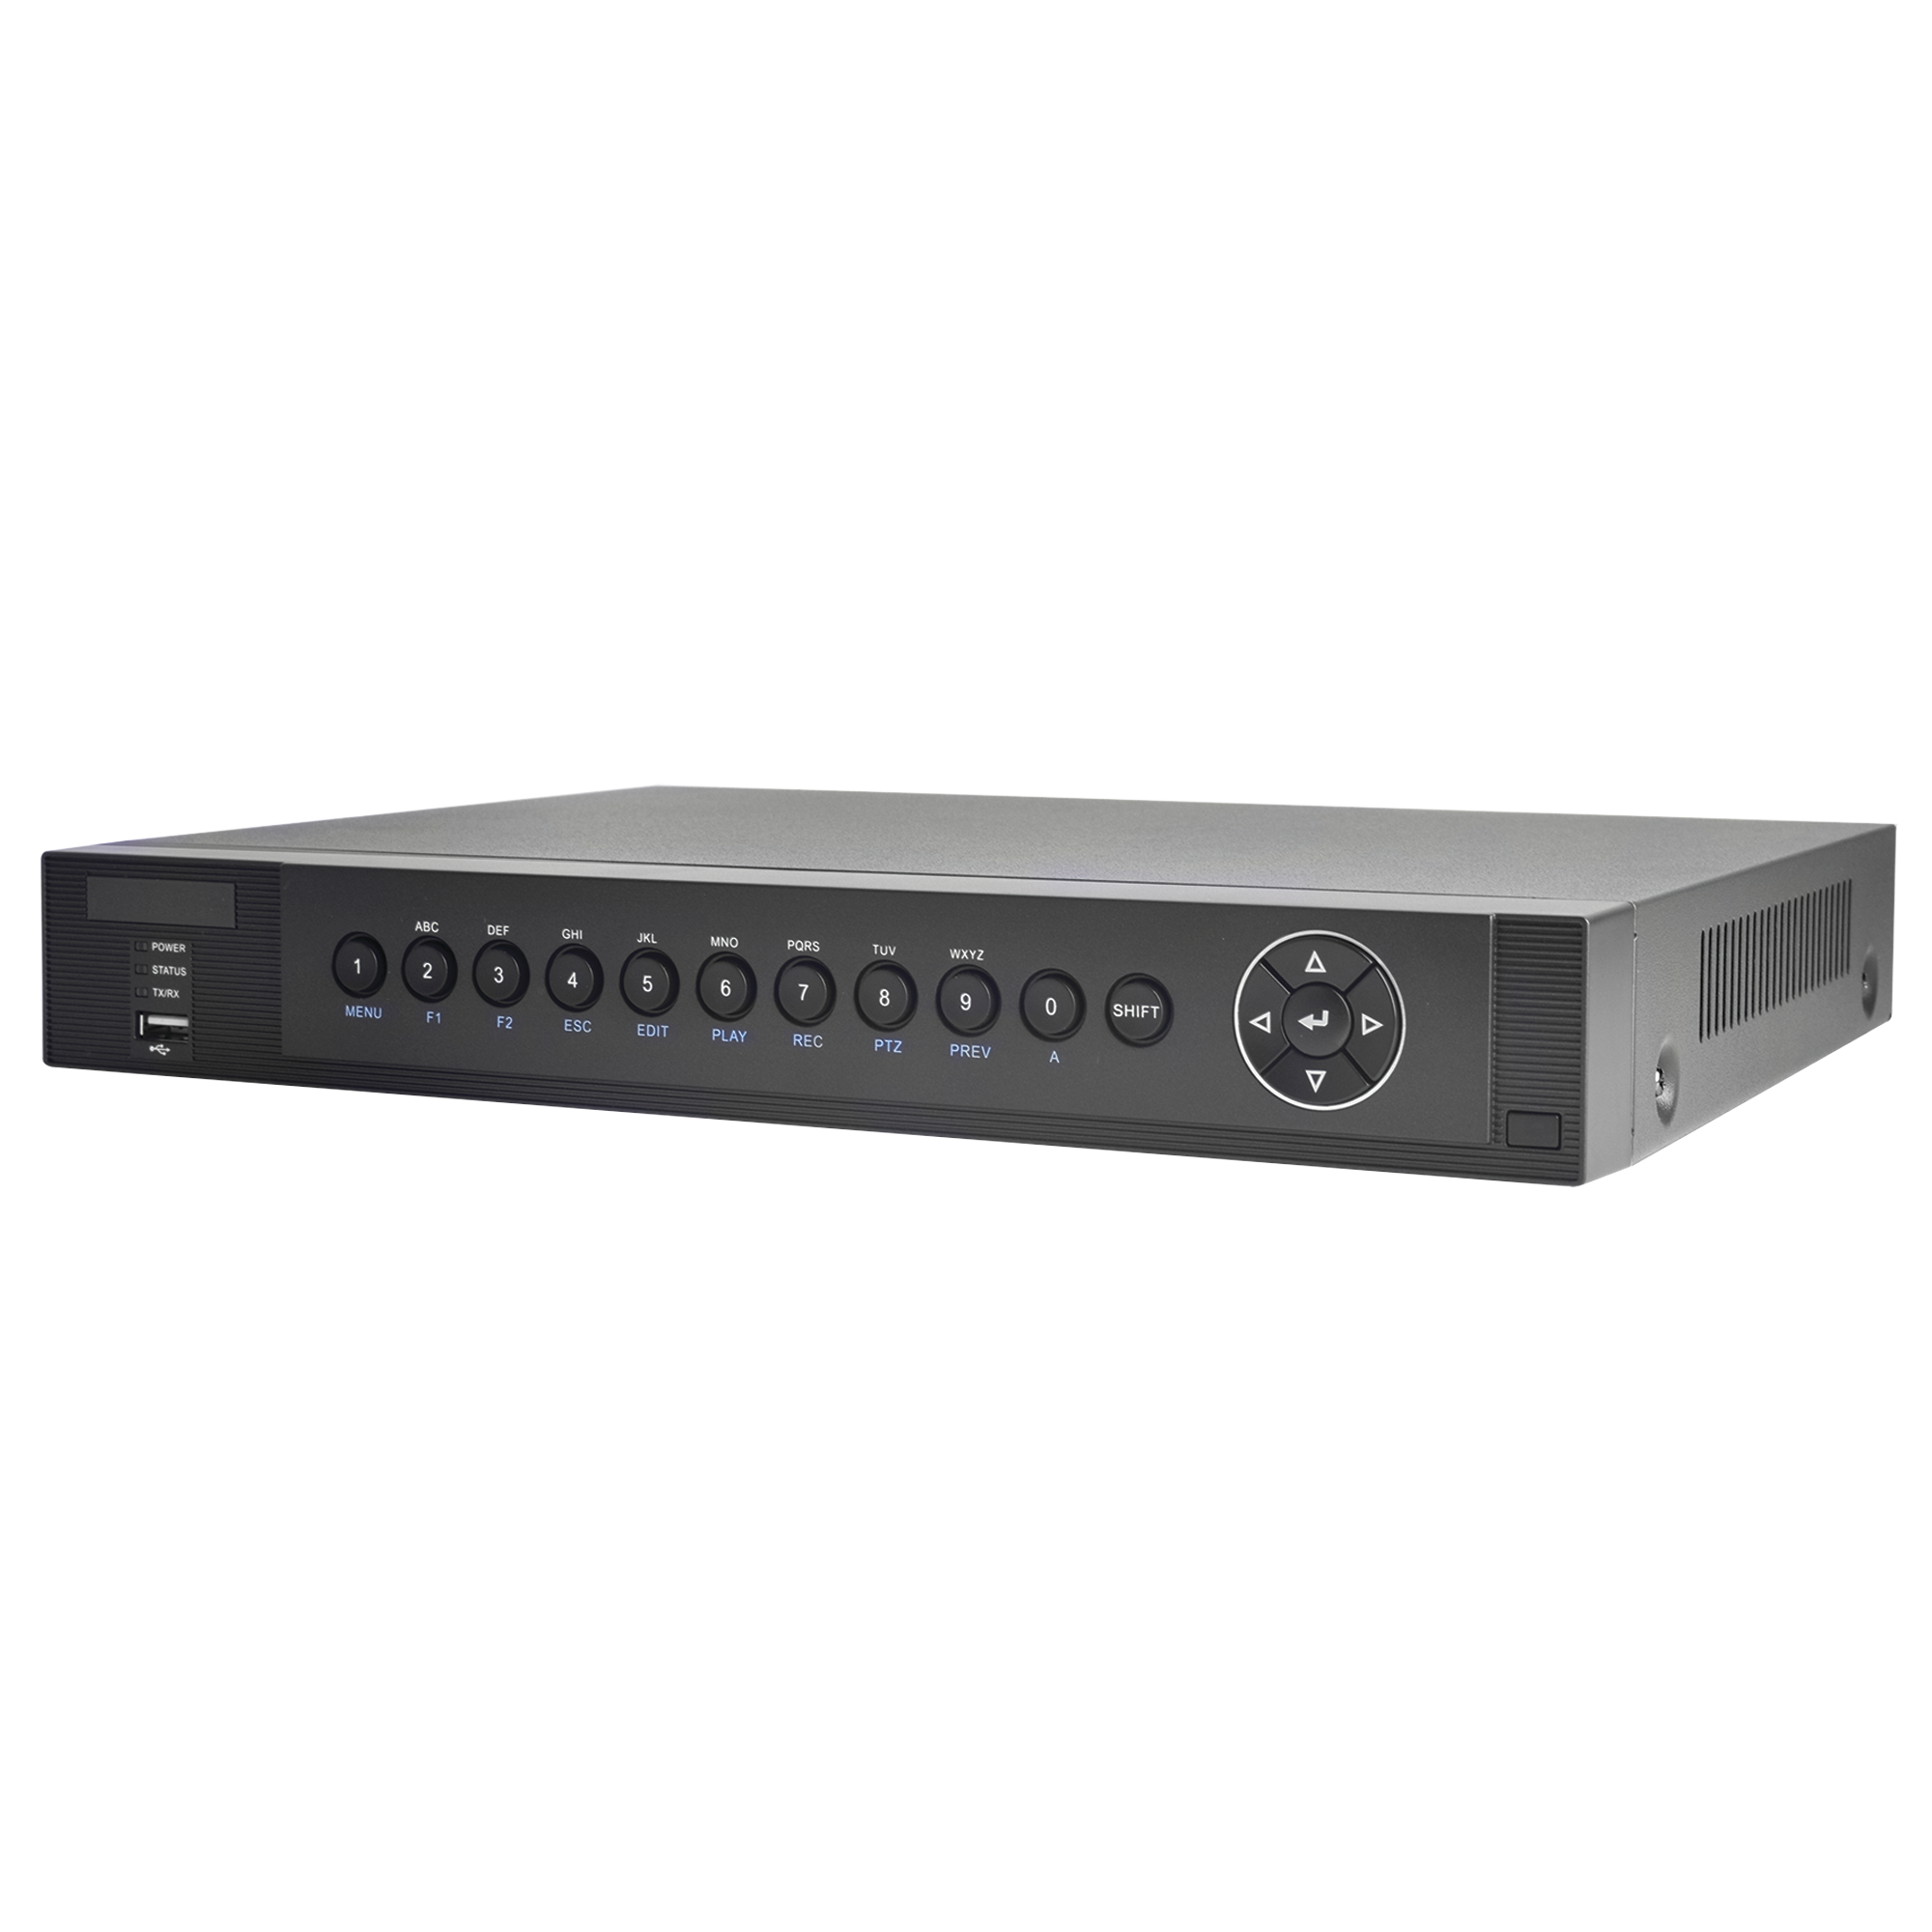 DVR 3 Megapixel PENTAHIBRIDO / 4 Canales TURBOHD + 1 Canal IP / 4 Canales Audio / 1 Bahía de Disco Duro / Entrada y Salida de Alarmas / H.264+